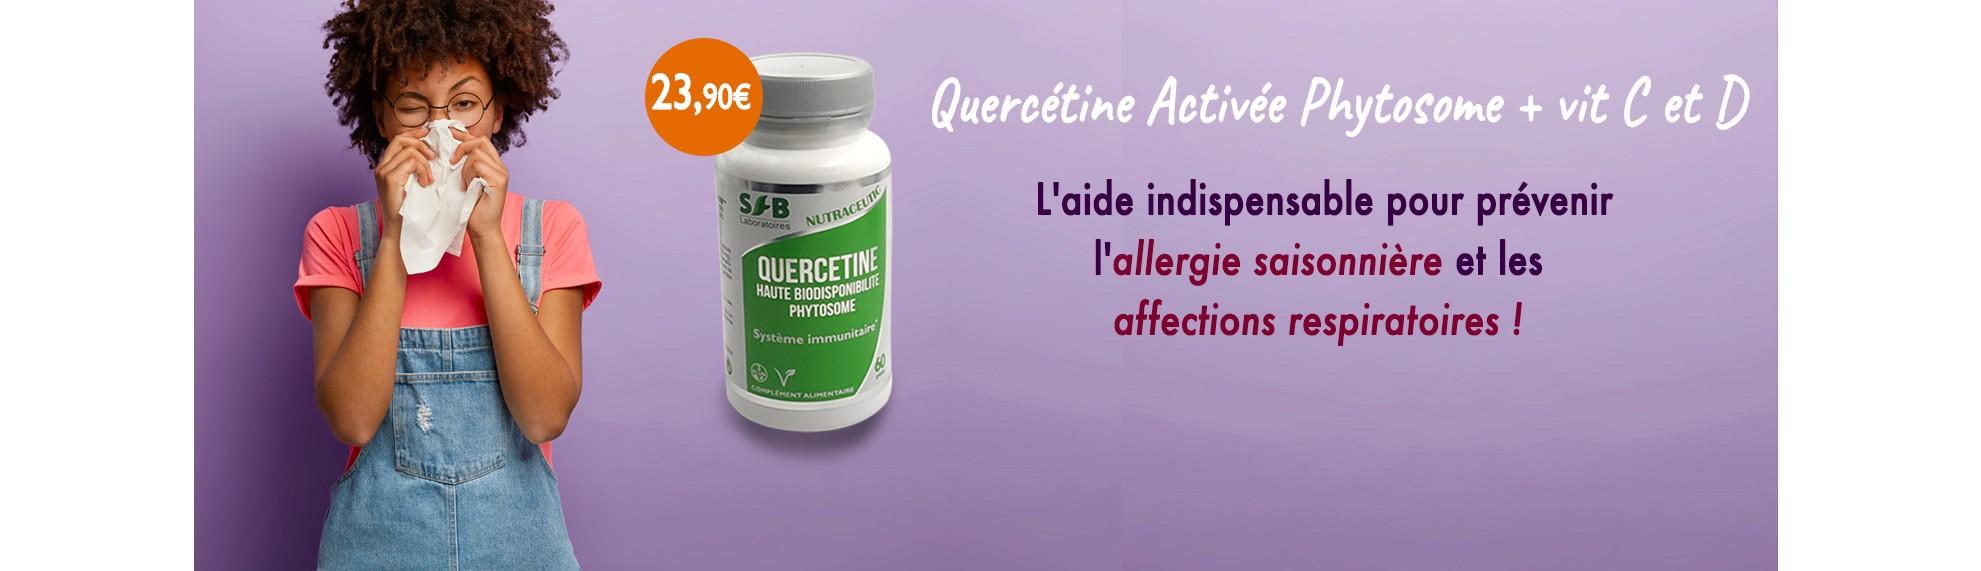 Quercétine phytosomale